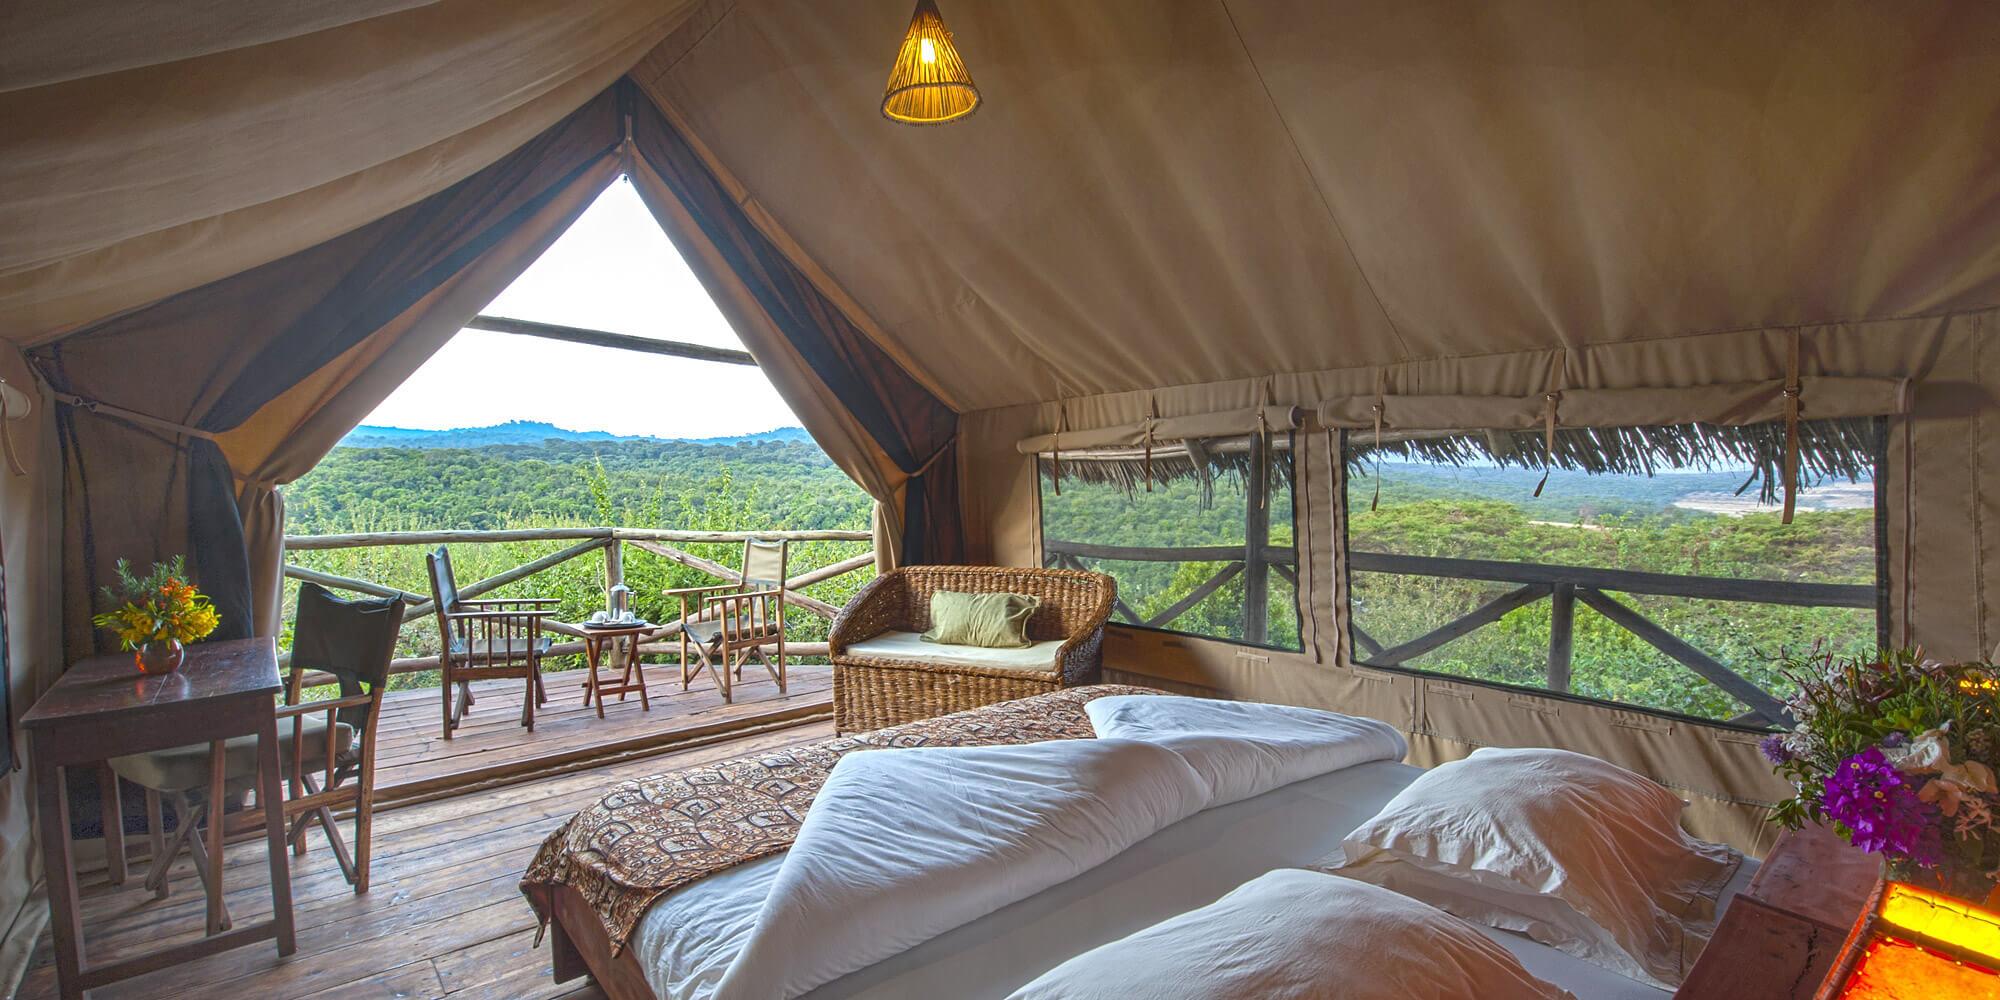 Rhotia Valley Tented Lodge, Ngorongoro